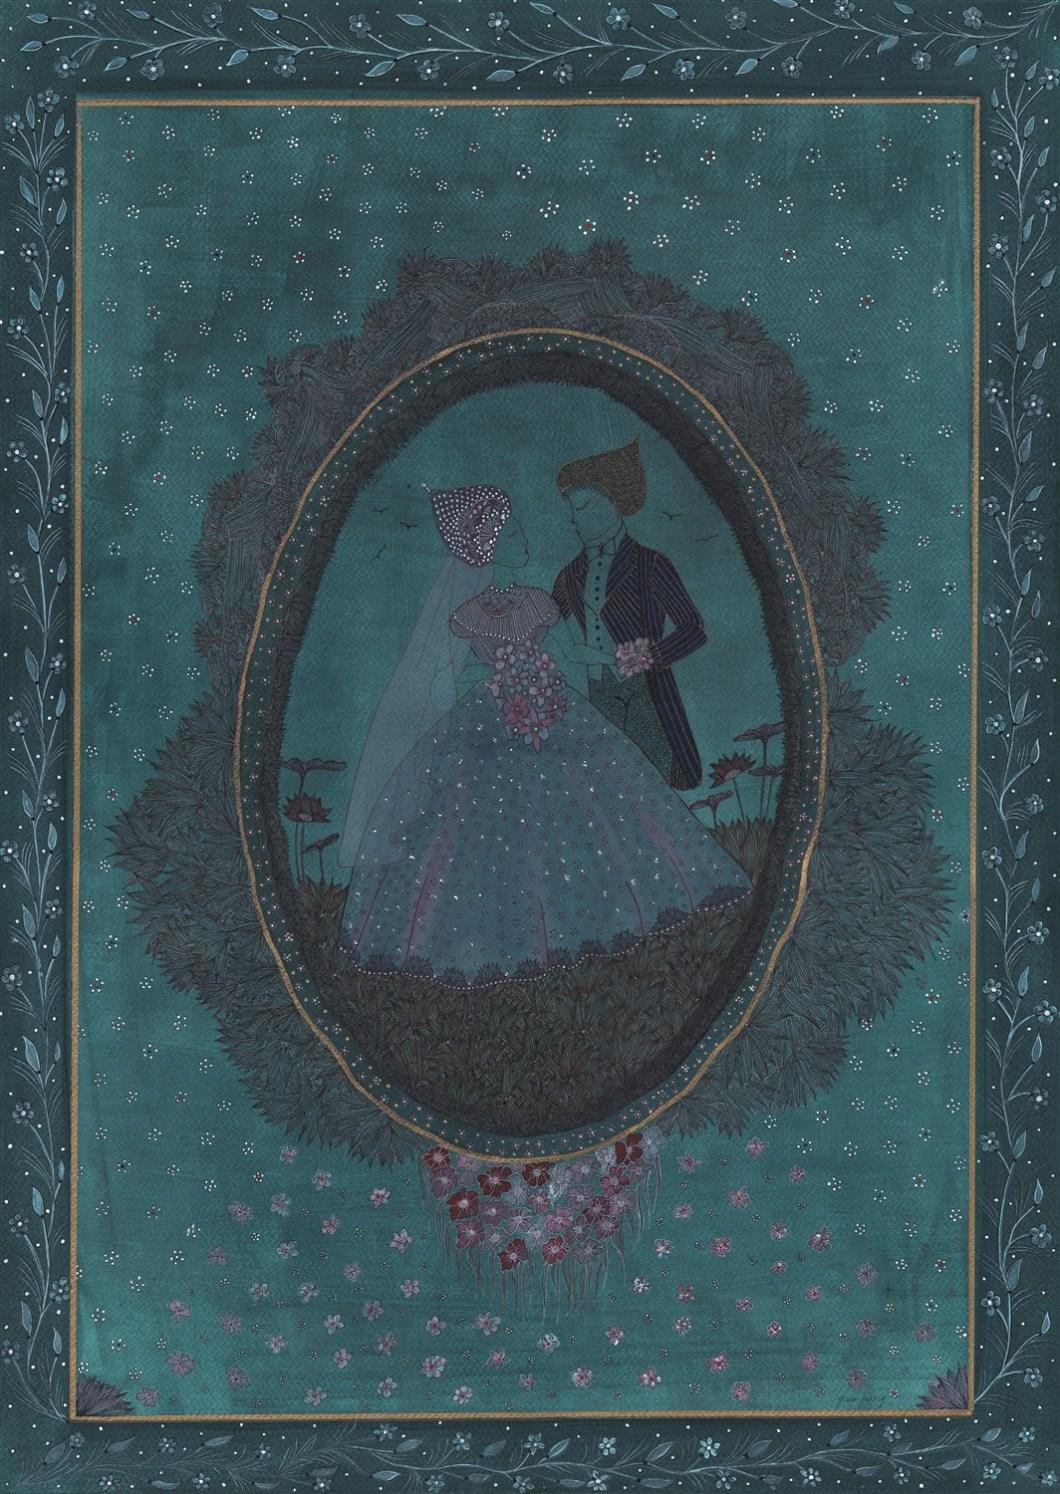 MARIES Aquarelle et encre de chine - 70 x 50 - 2016 (2)